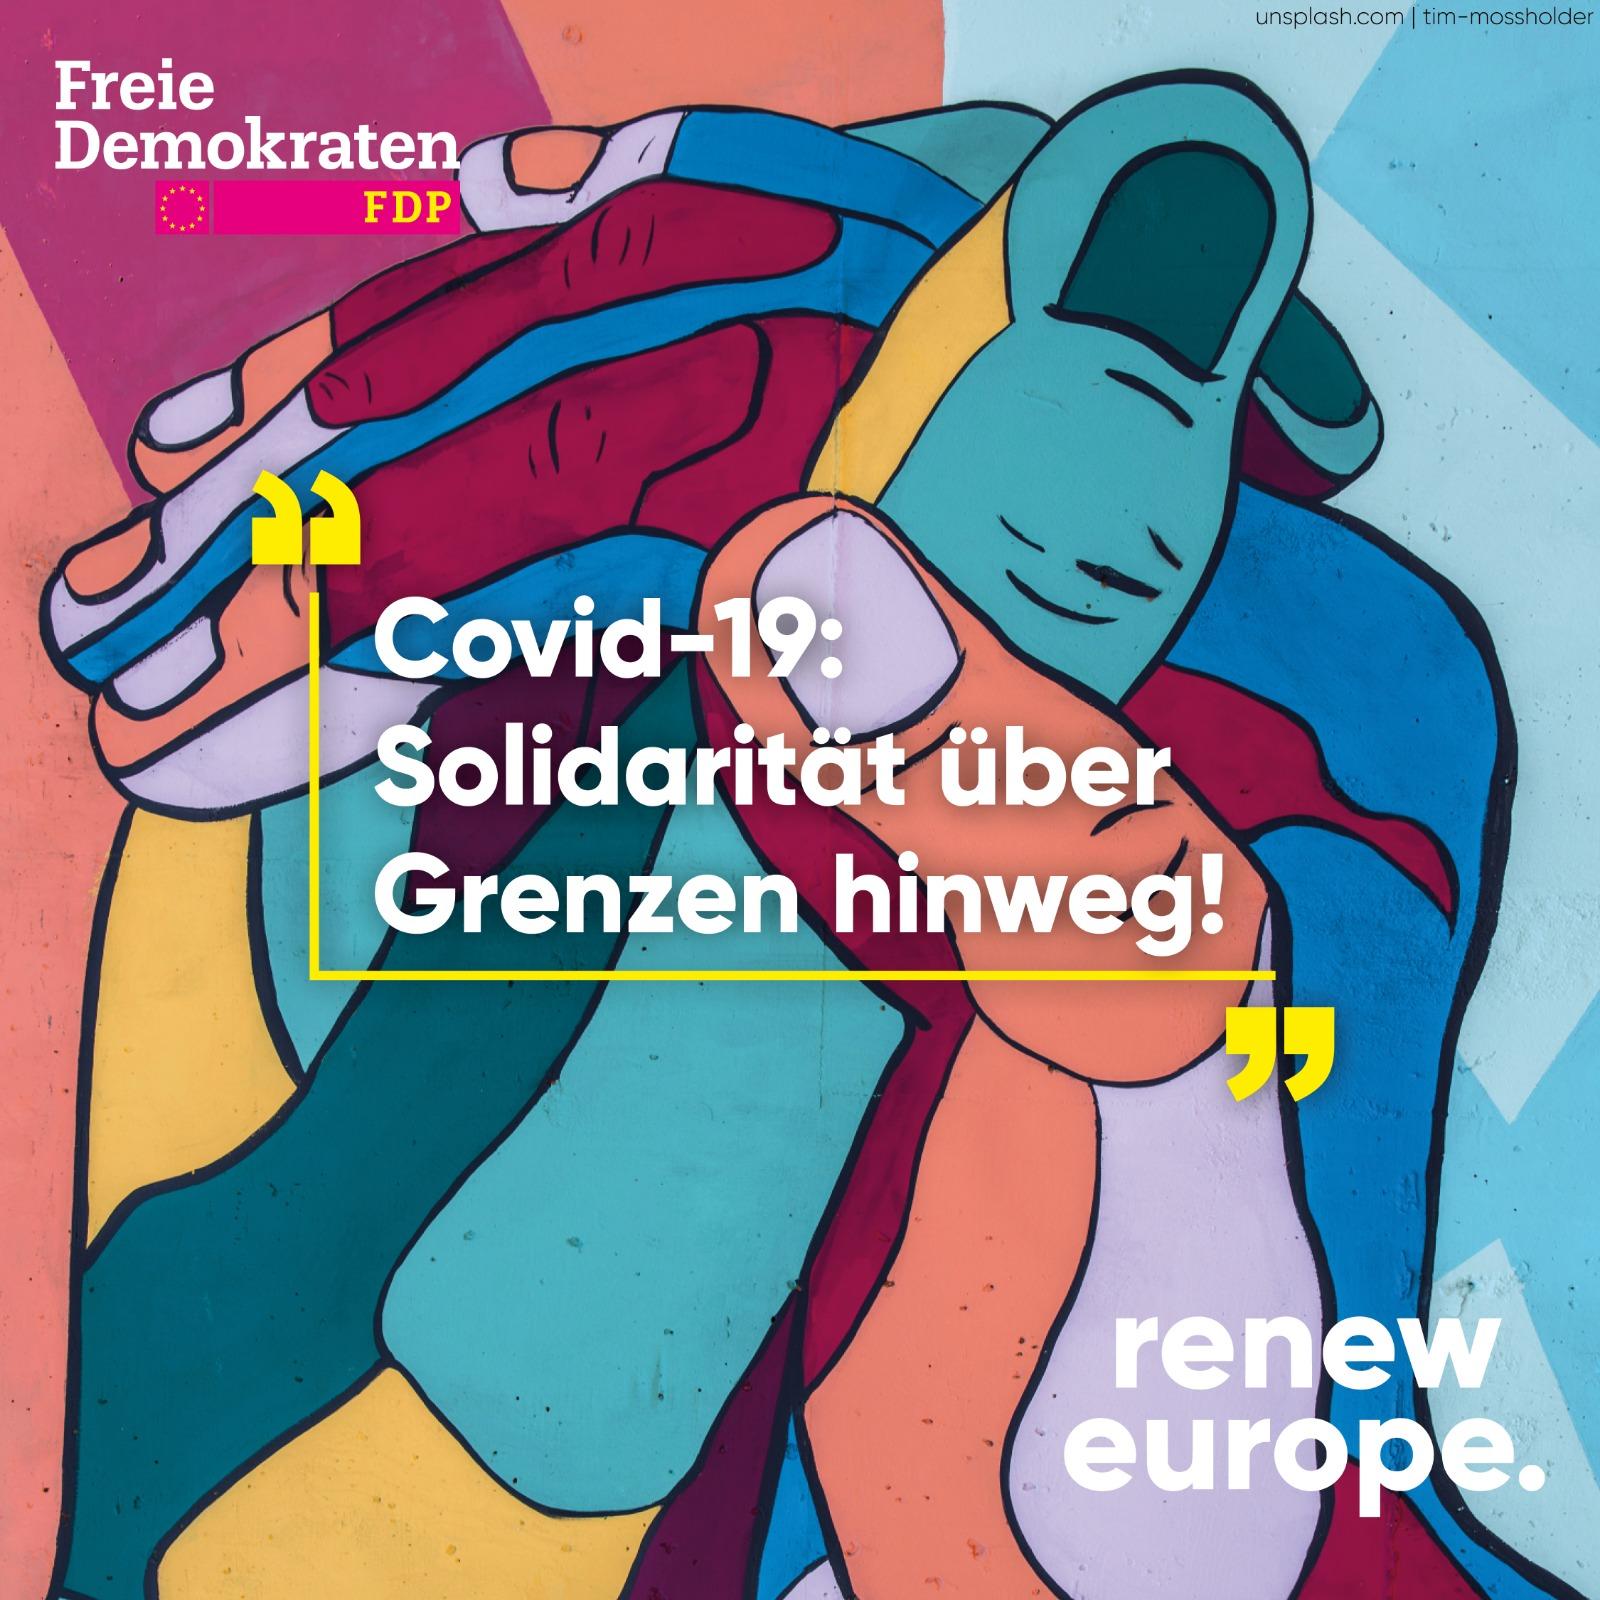 Covid-19: Solidarität über Grenzen hinweg